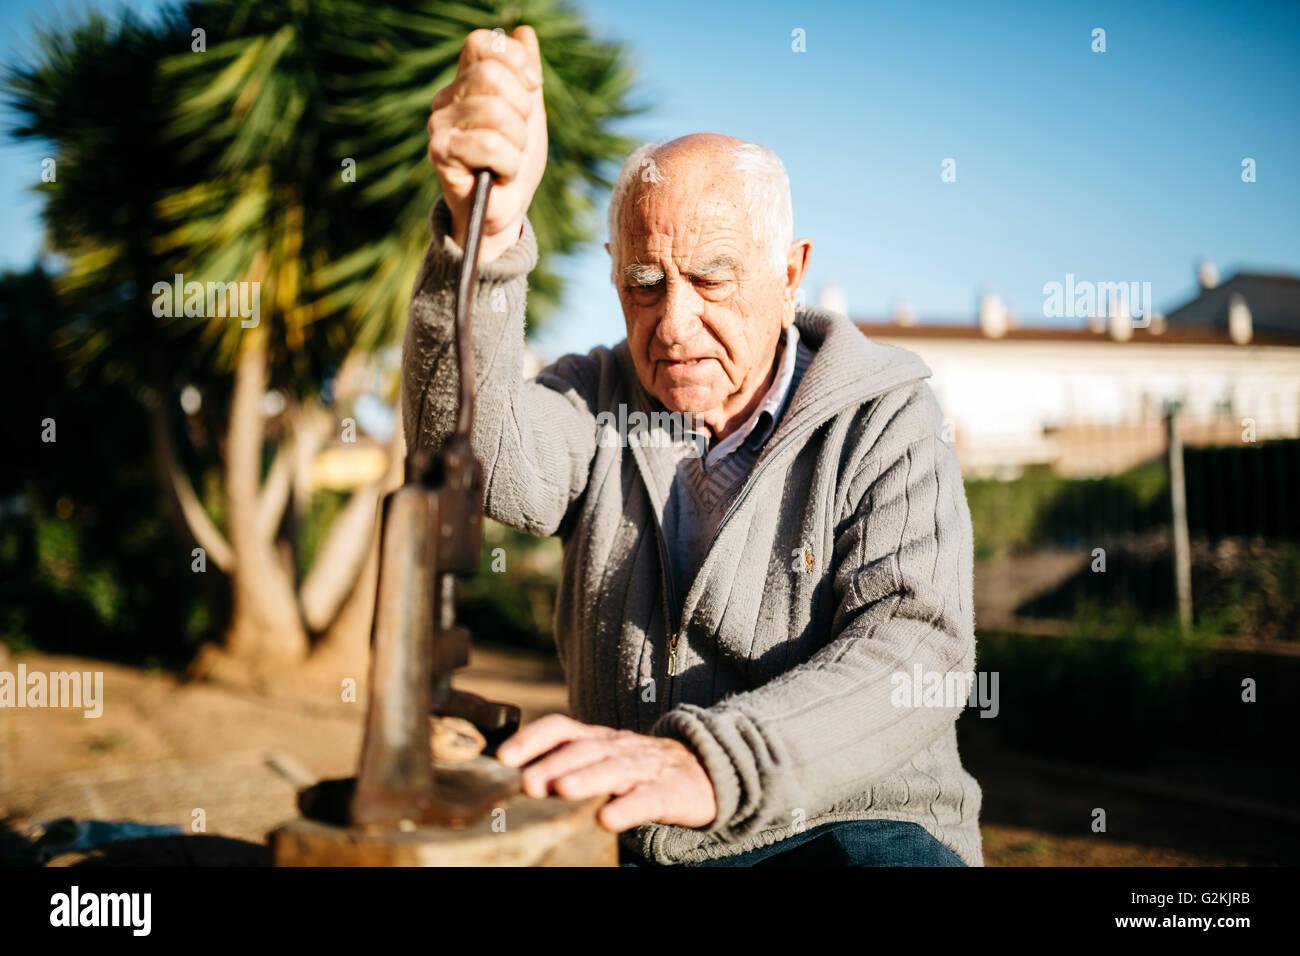 Man à l'aide d'un outil ancien pour fissurer les noix Photo Stock